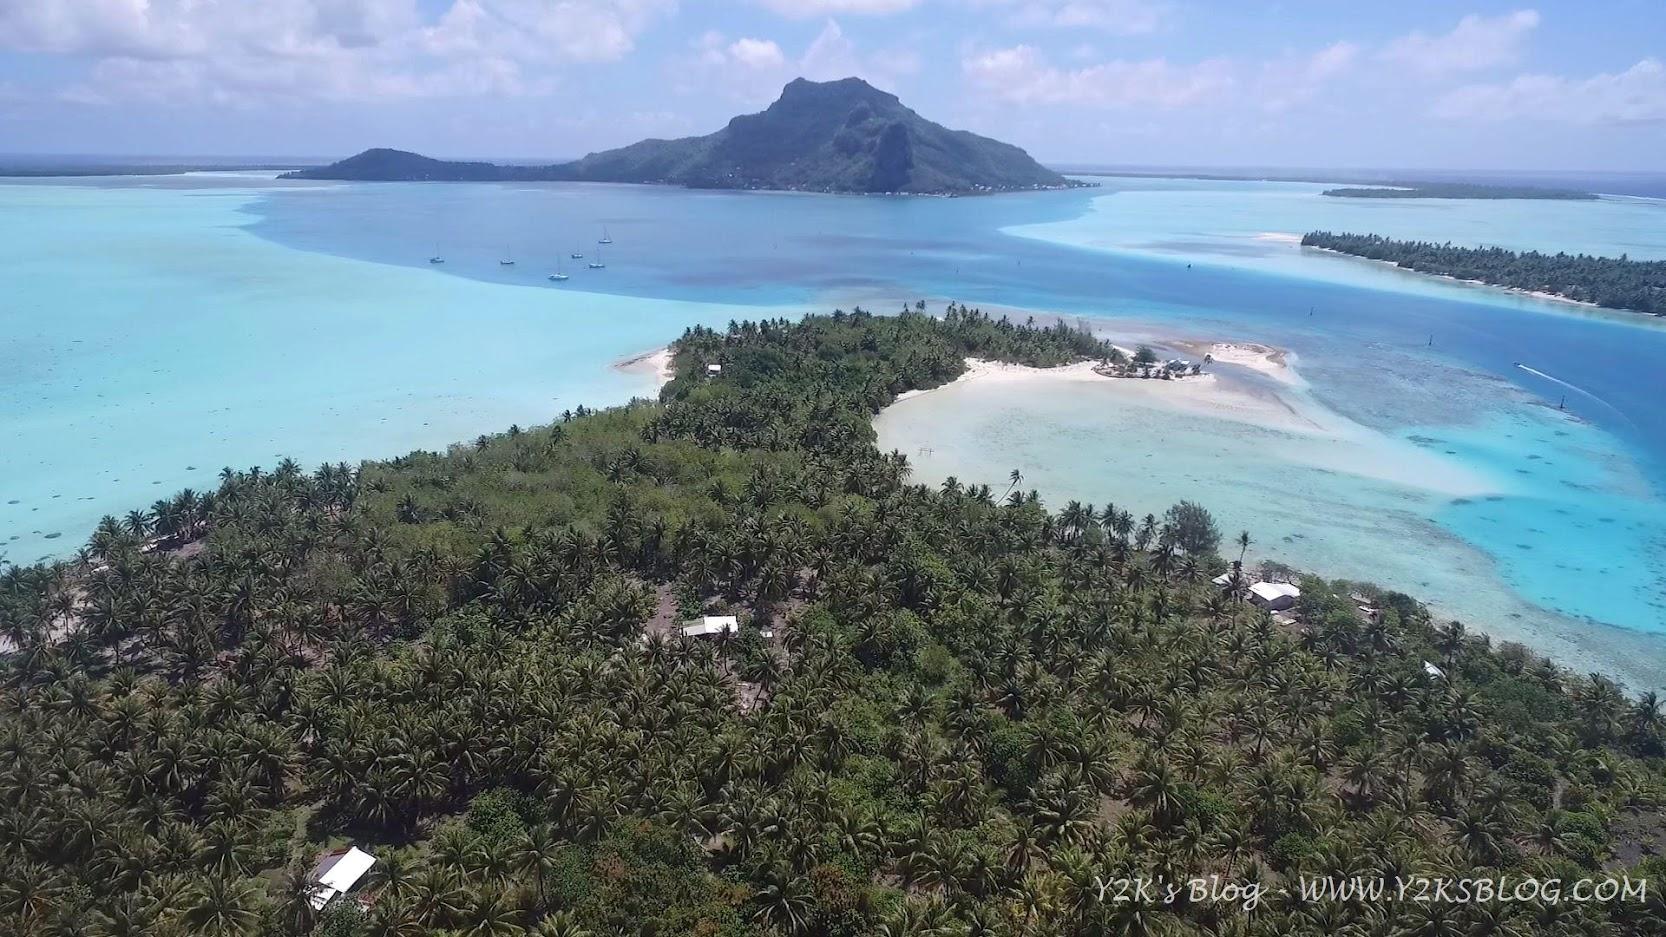 Drone View - Monte Teurafaatui di Maupiti